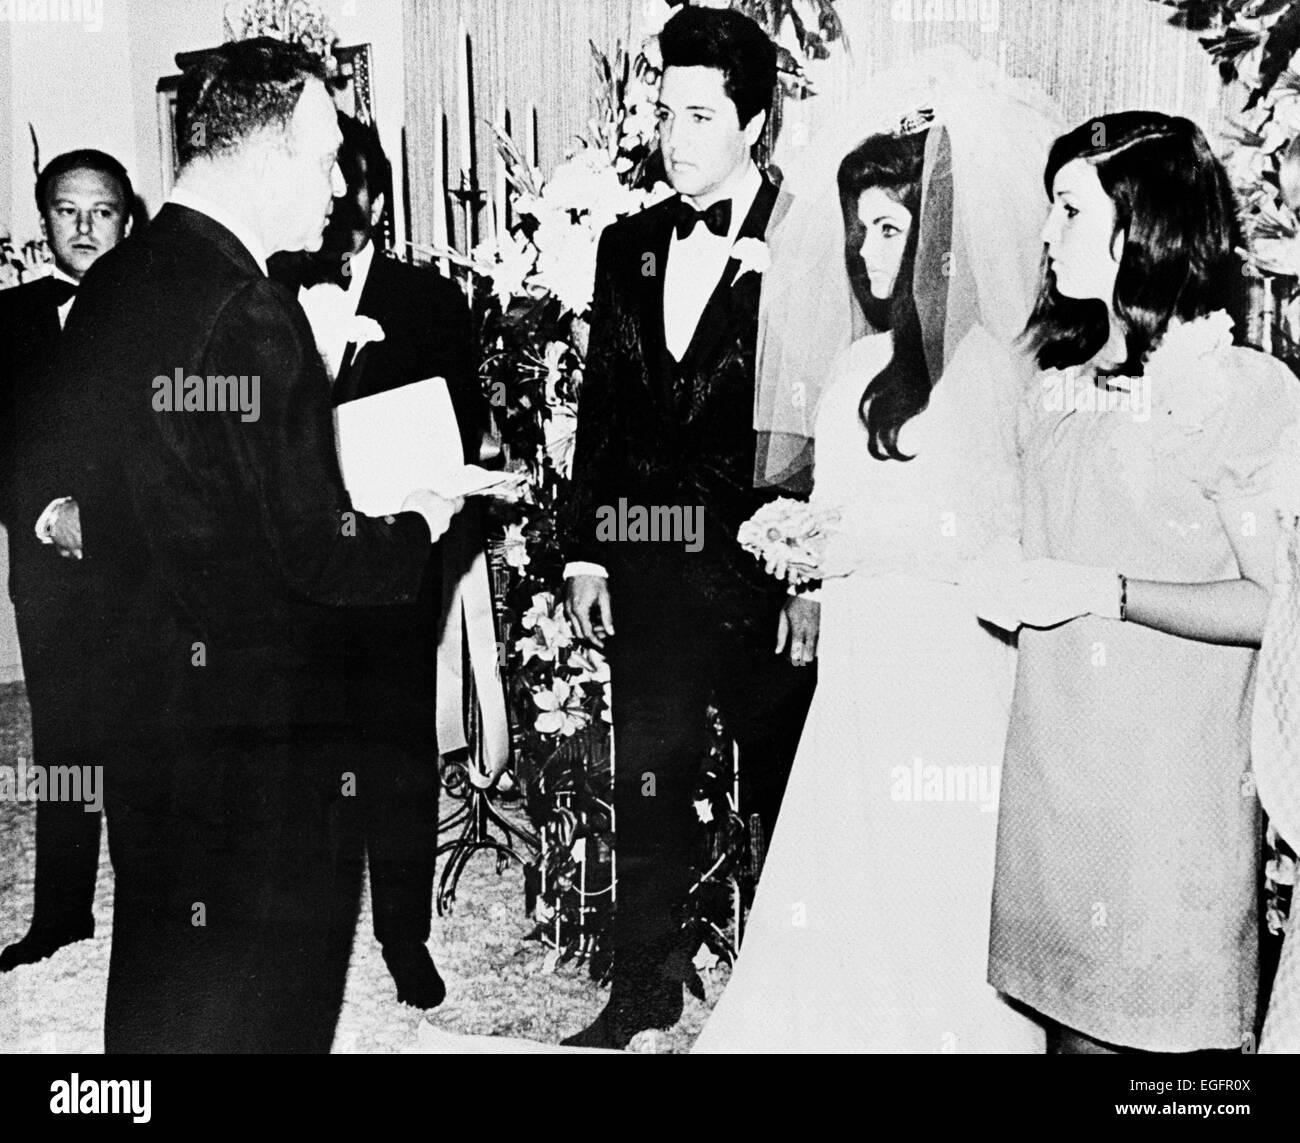 LAS VEGAS, NV - NOVEMBER 10 – Elvis and Priscilla Presley